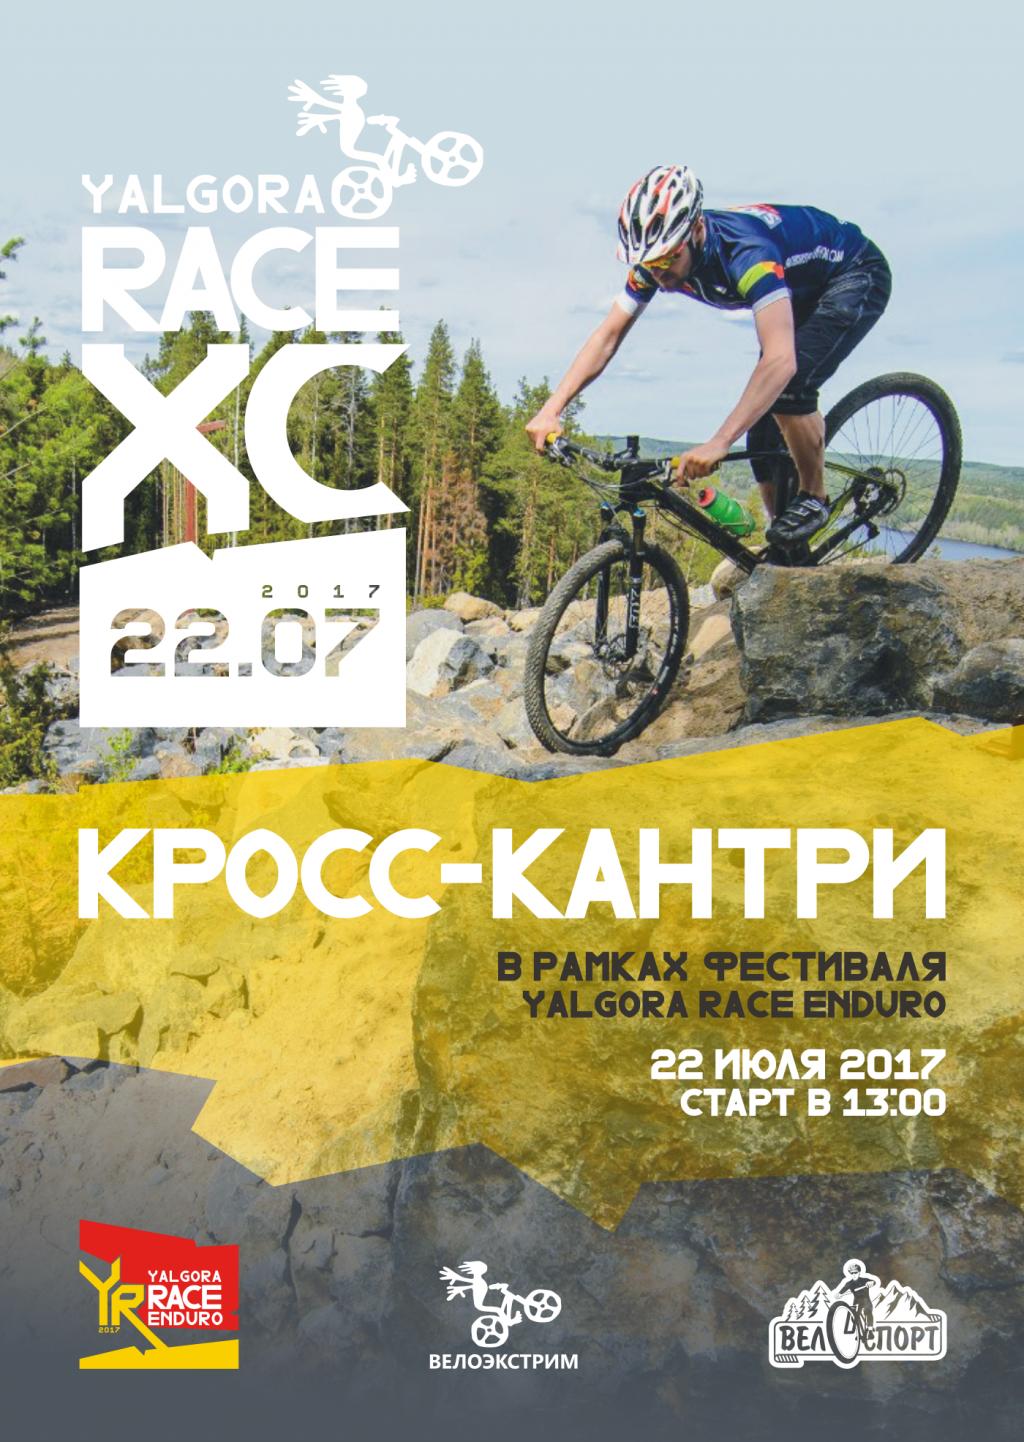 Блог им. AleksandrGrigorev: YalgoraRace Enduro + Сross-country 21-23 июля. Петрозаводск.